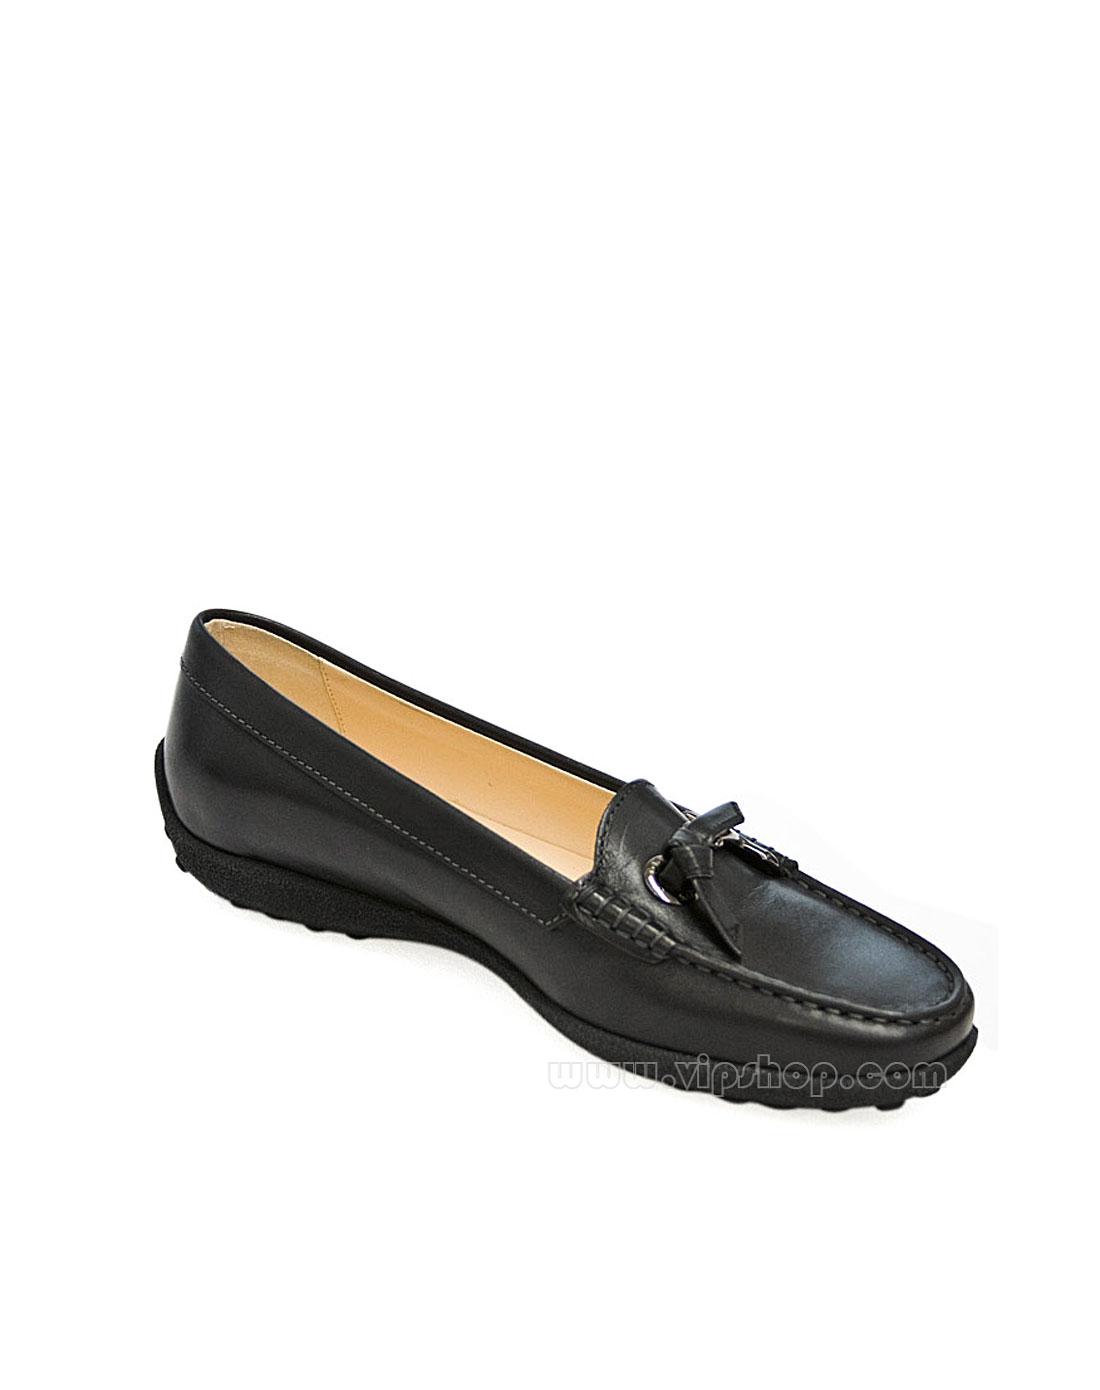 gucci女士平底鞋